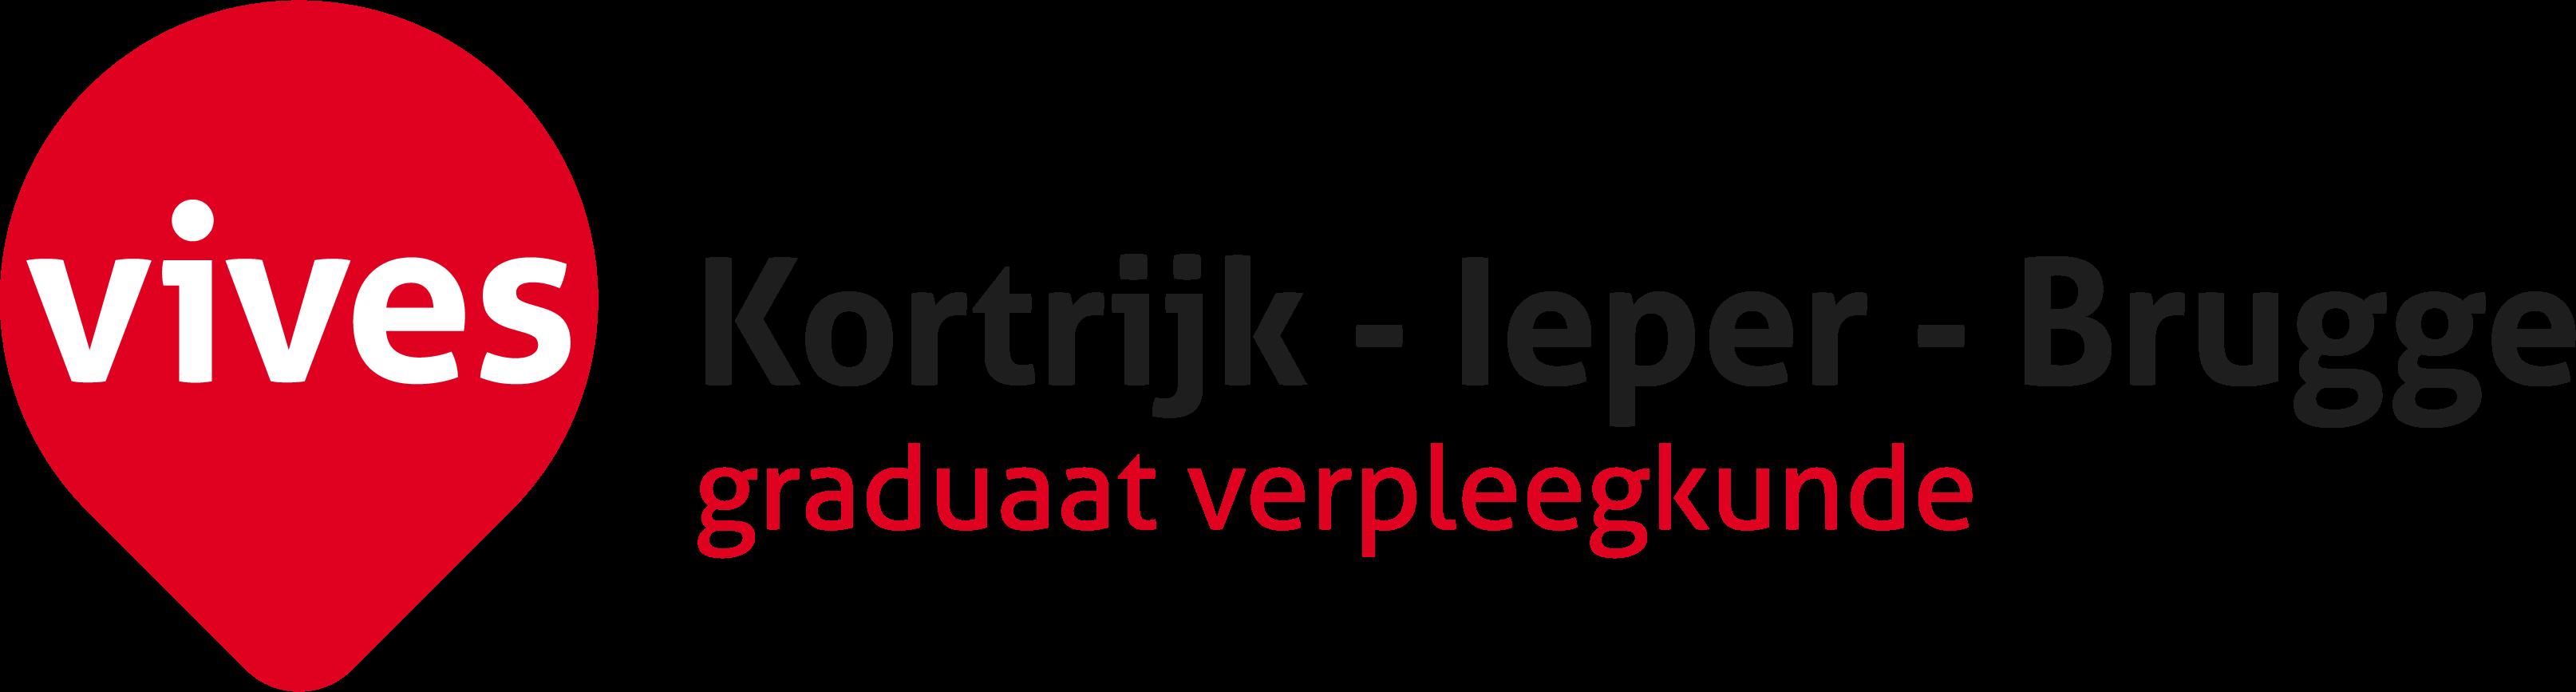 Logo VIVES Kortrijk - Ieper - Brugge graduaat verpleegkunde